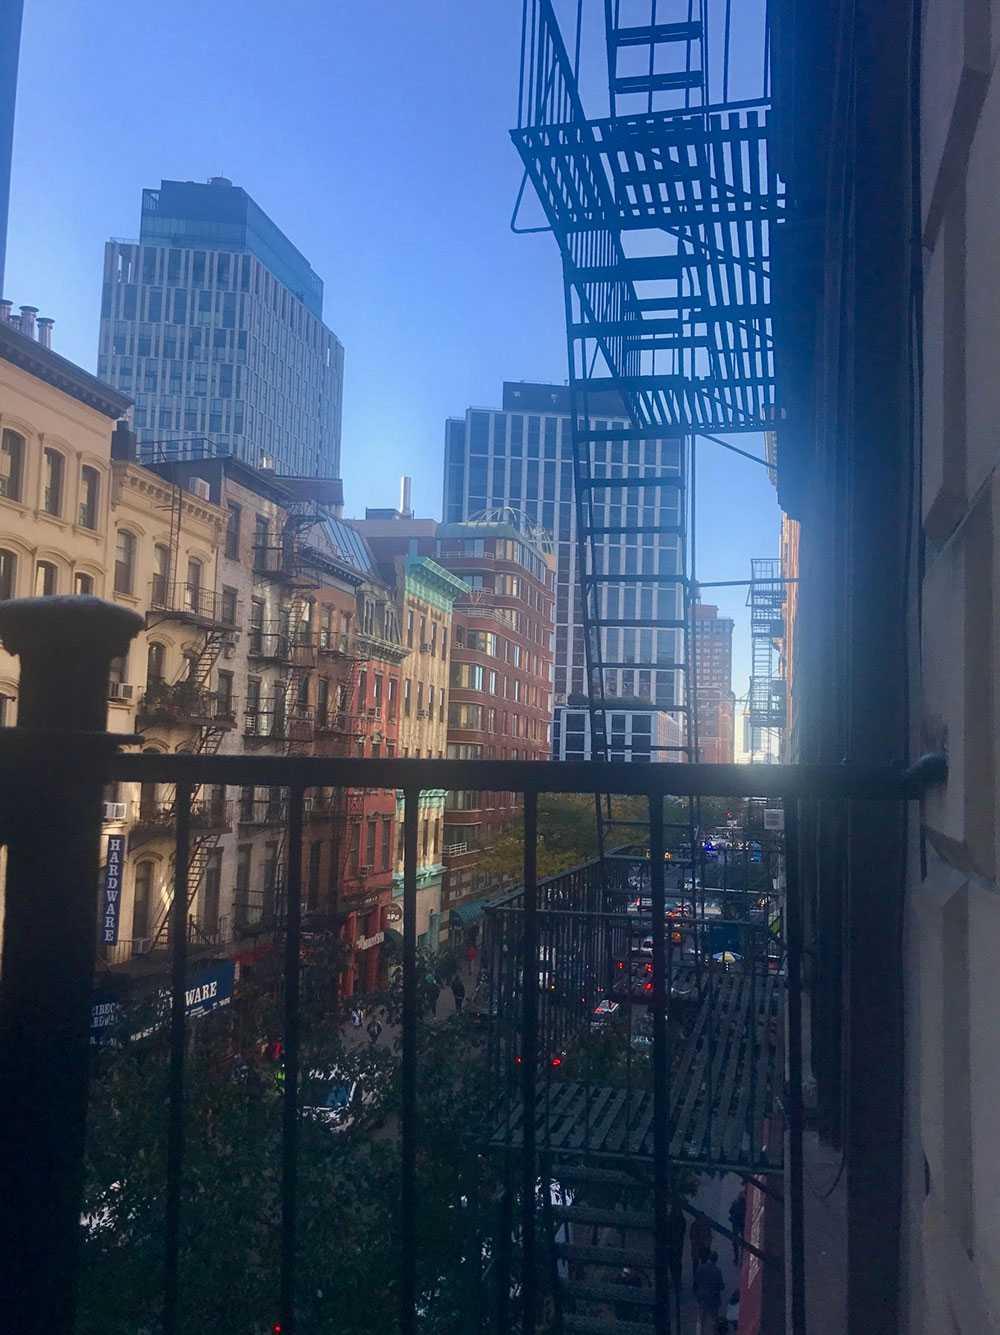 Från Emmas fönster syns kaoset på gatan utanför.